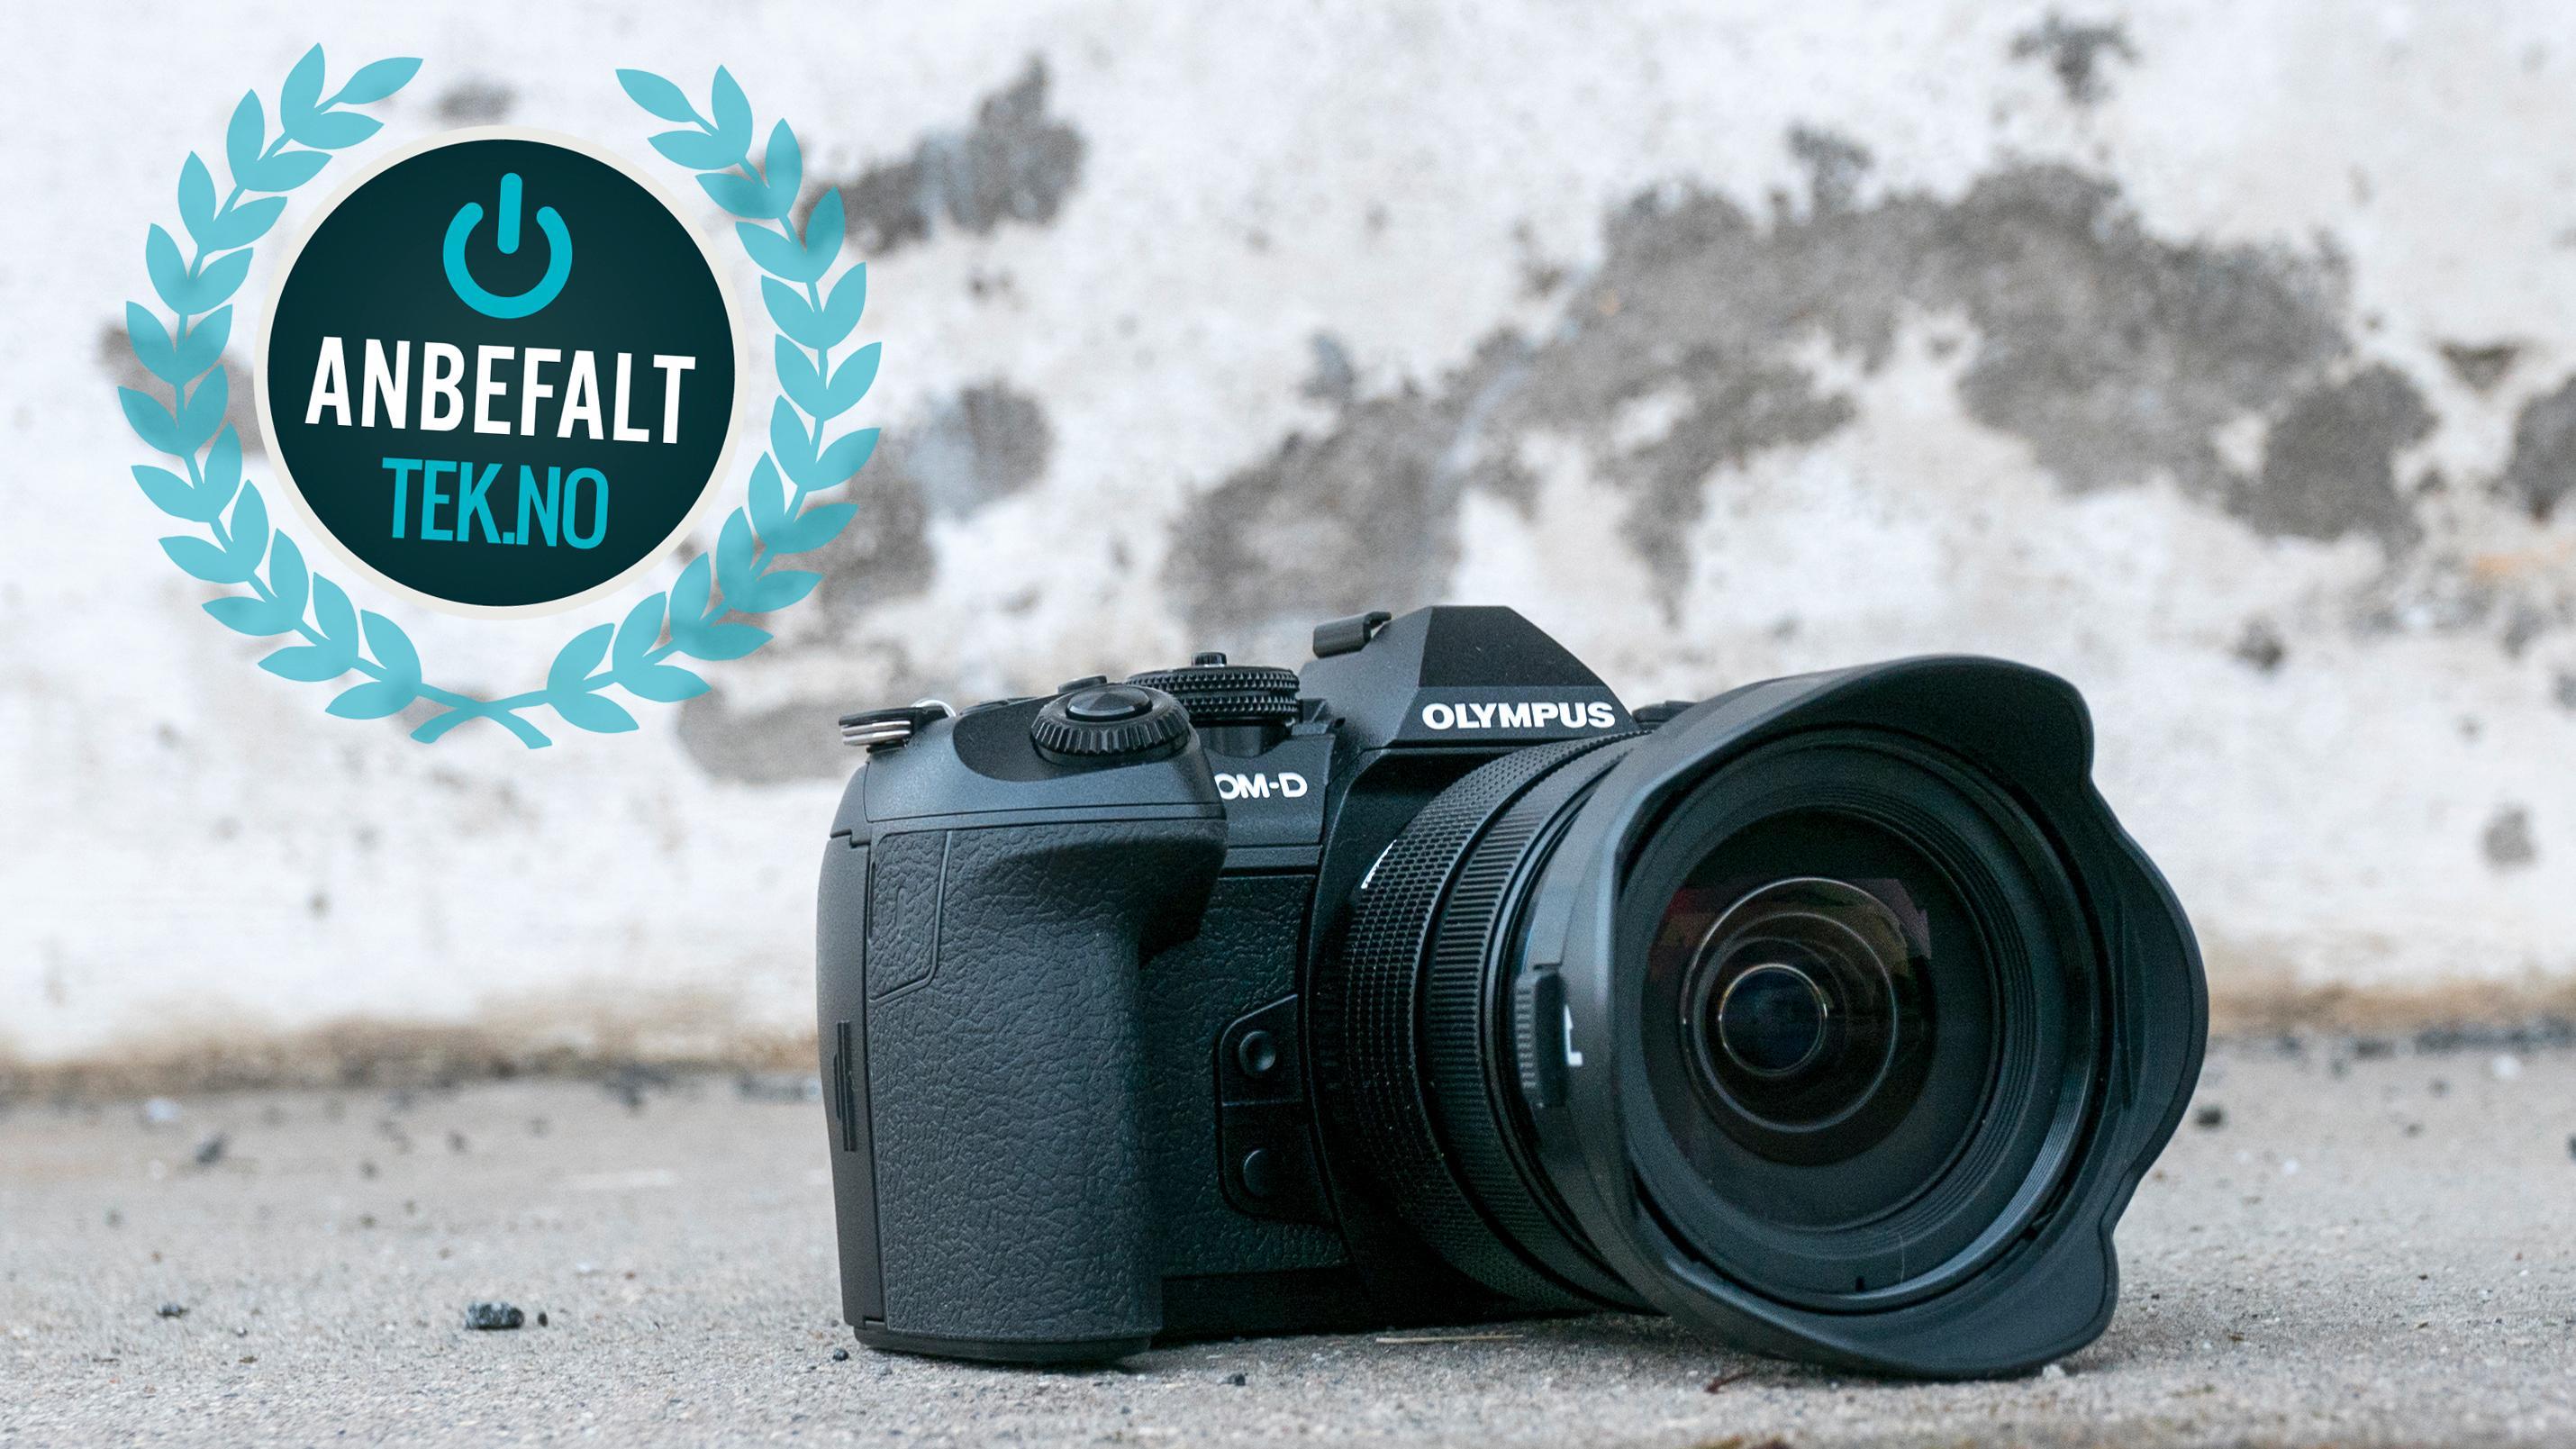 Den er en råtass, og koster deretter, og byr dessuten på langt mer enn de fleste trenger. Men for den riktige brukeren kan dette være et veldig riktig kamera.